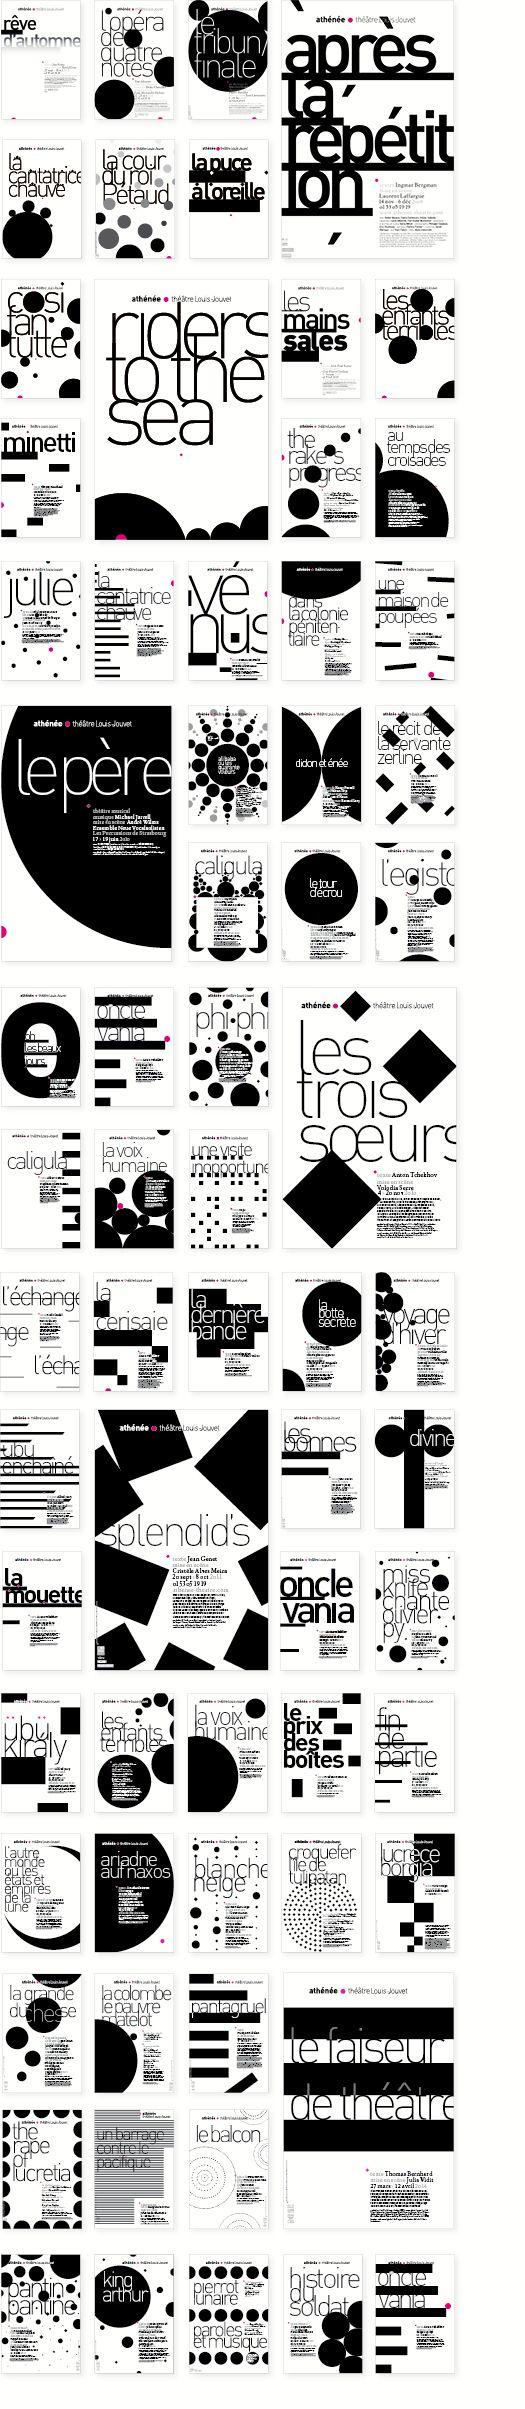 nf. Limite qui libère. —Panorama des visuels de spectacles créés pour le théâtre de l'Athénée conçus au long de ces années— avec l'atelier Malte Martin — de 2008 à 2014